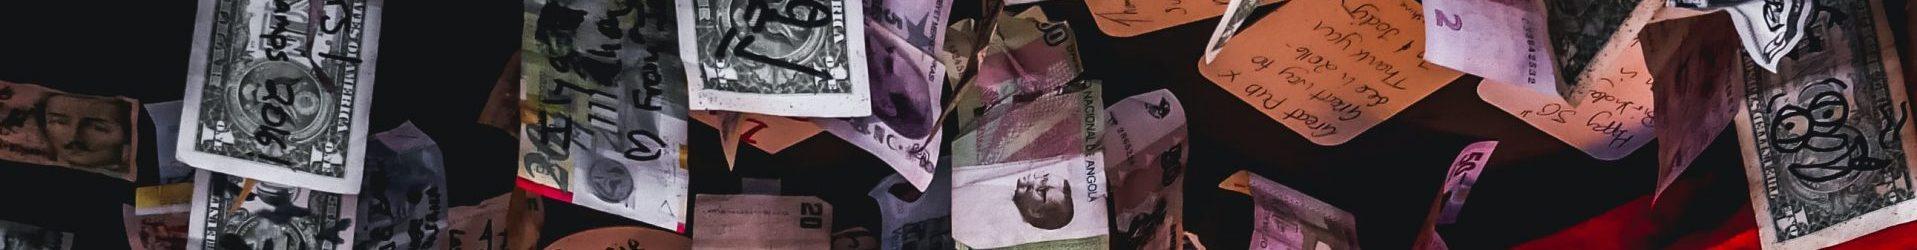 Het geld de wereld in